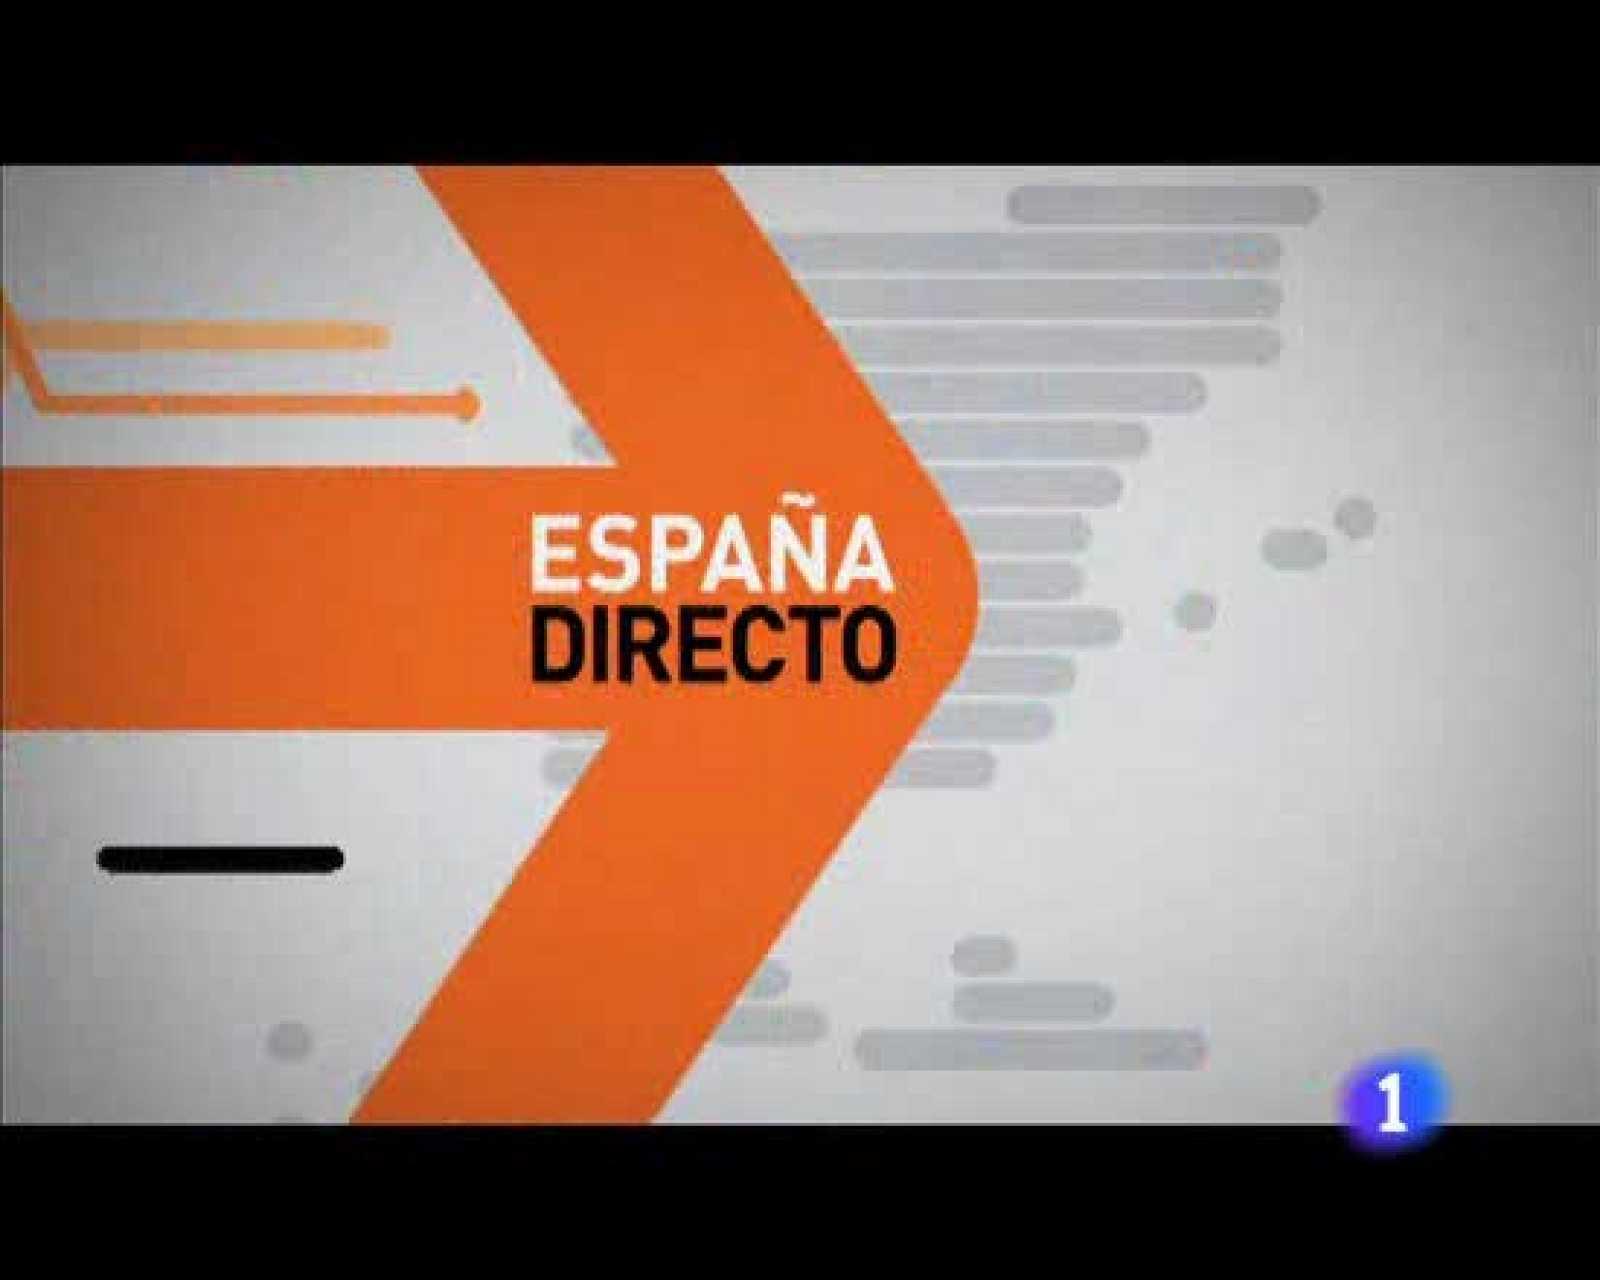 La hora de José Mota - España Directo, la partida de ajedrez